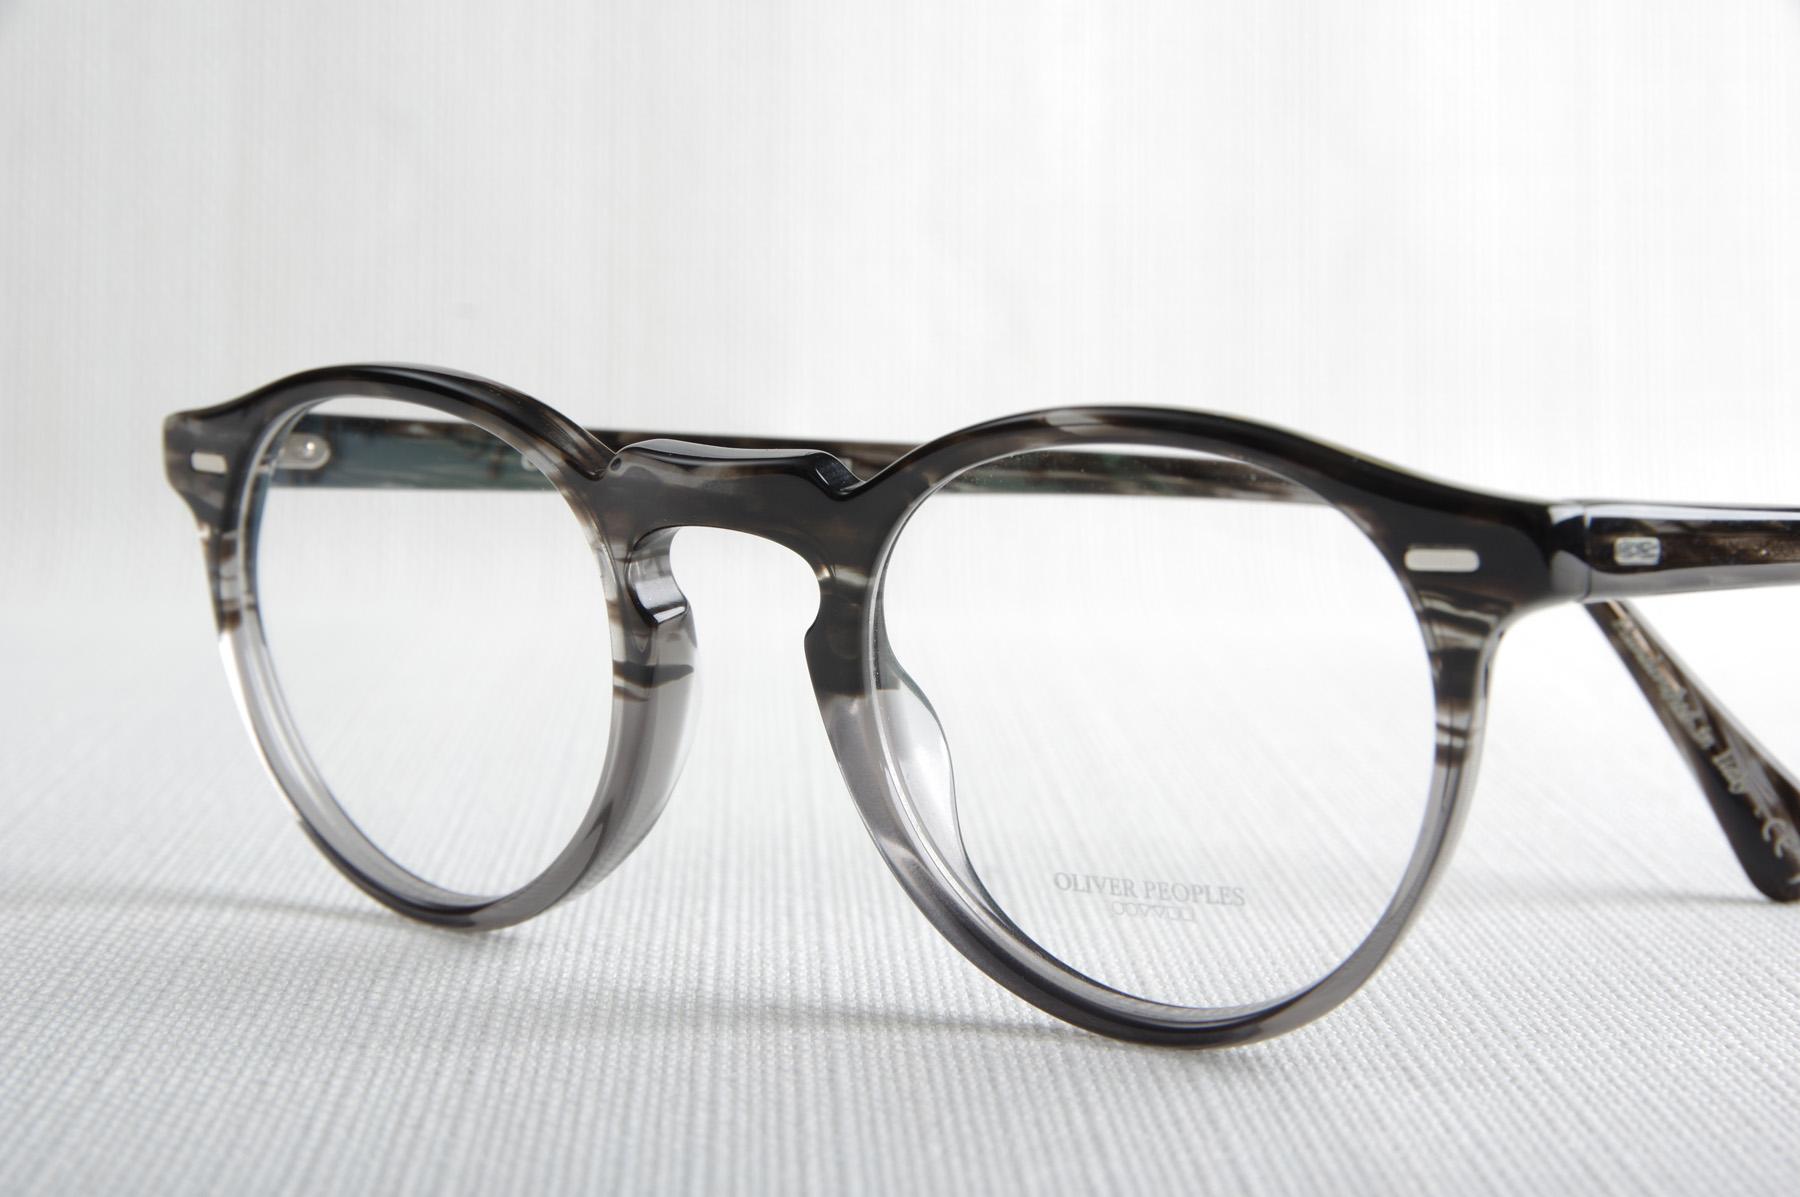 80810201772c3 Lunettes de vue GREGORY PECK de la marque OLIVER PEOPLES - Opticien ...